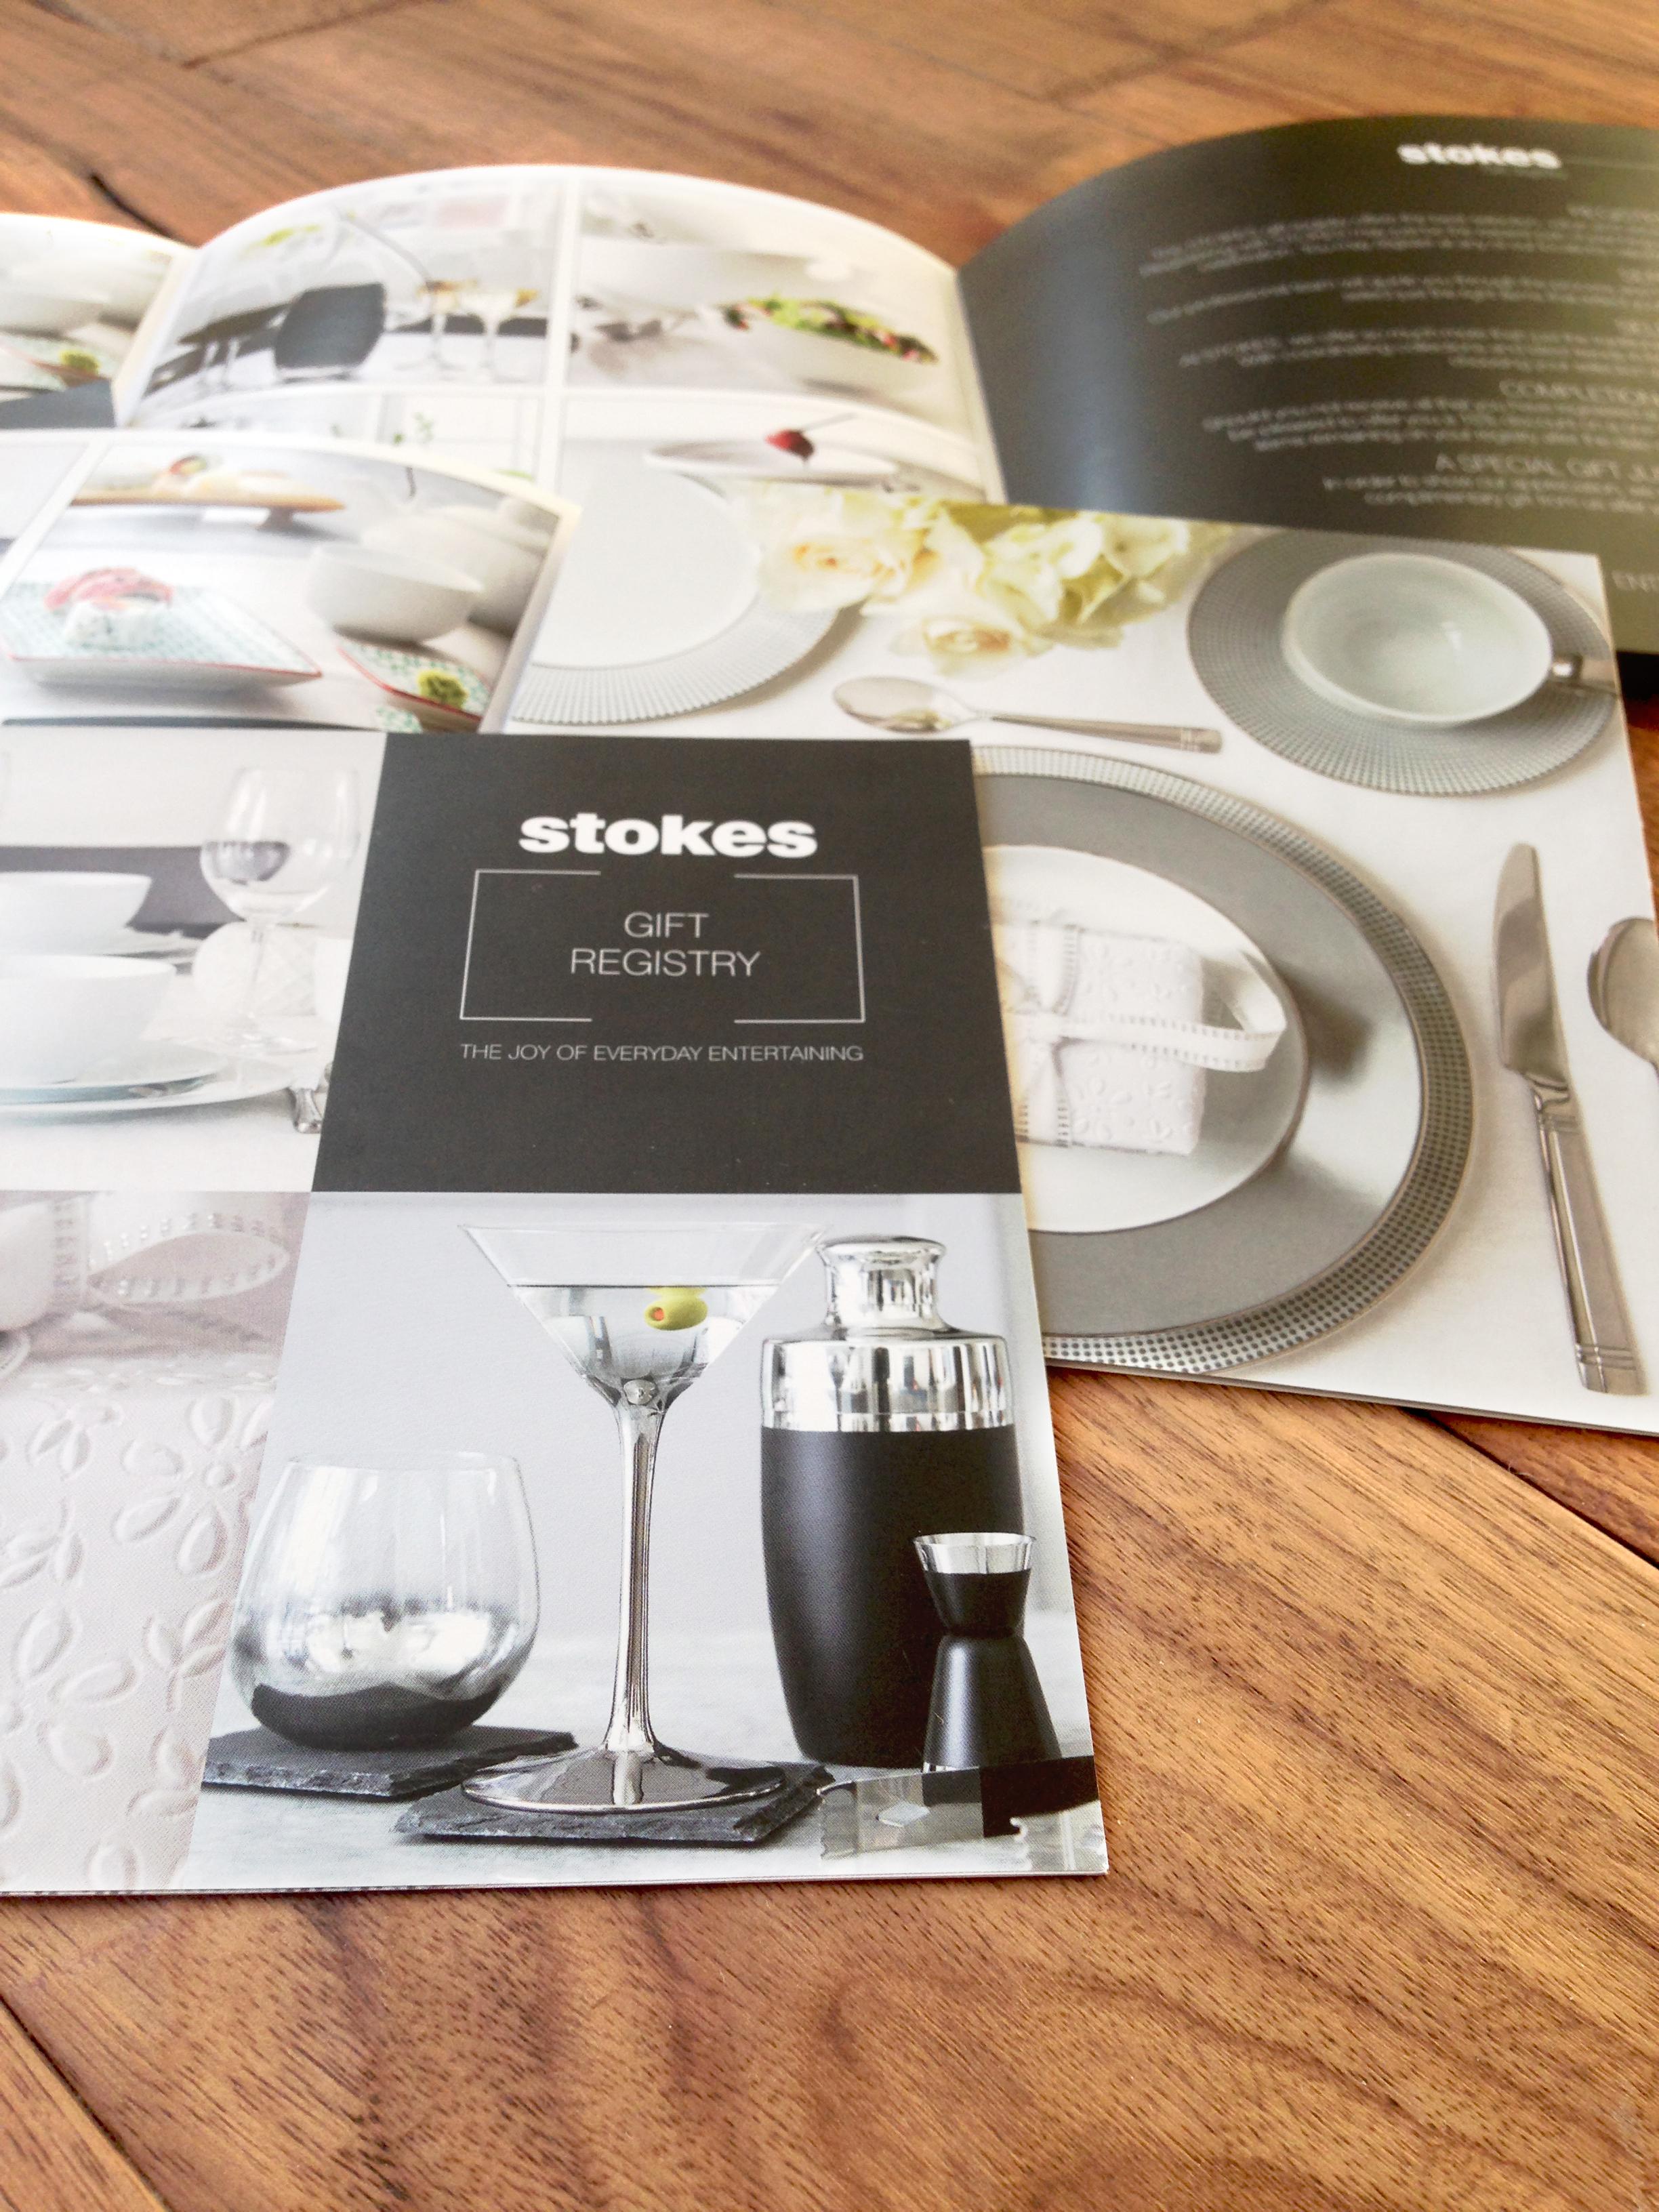 Stokes Gift Registry